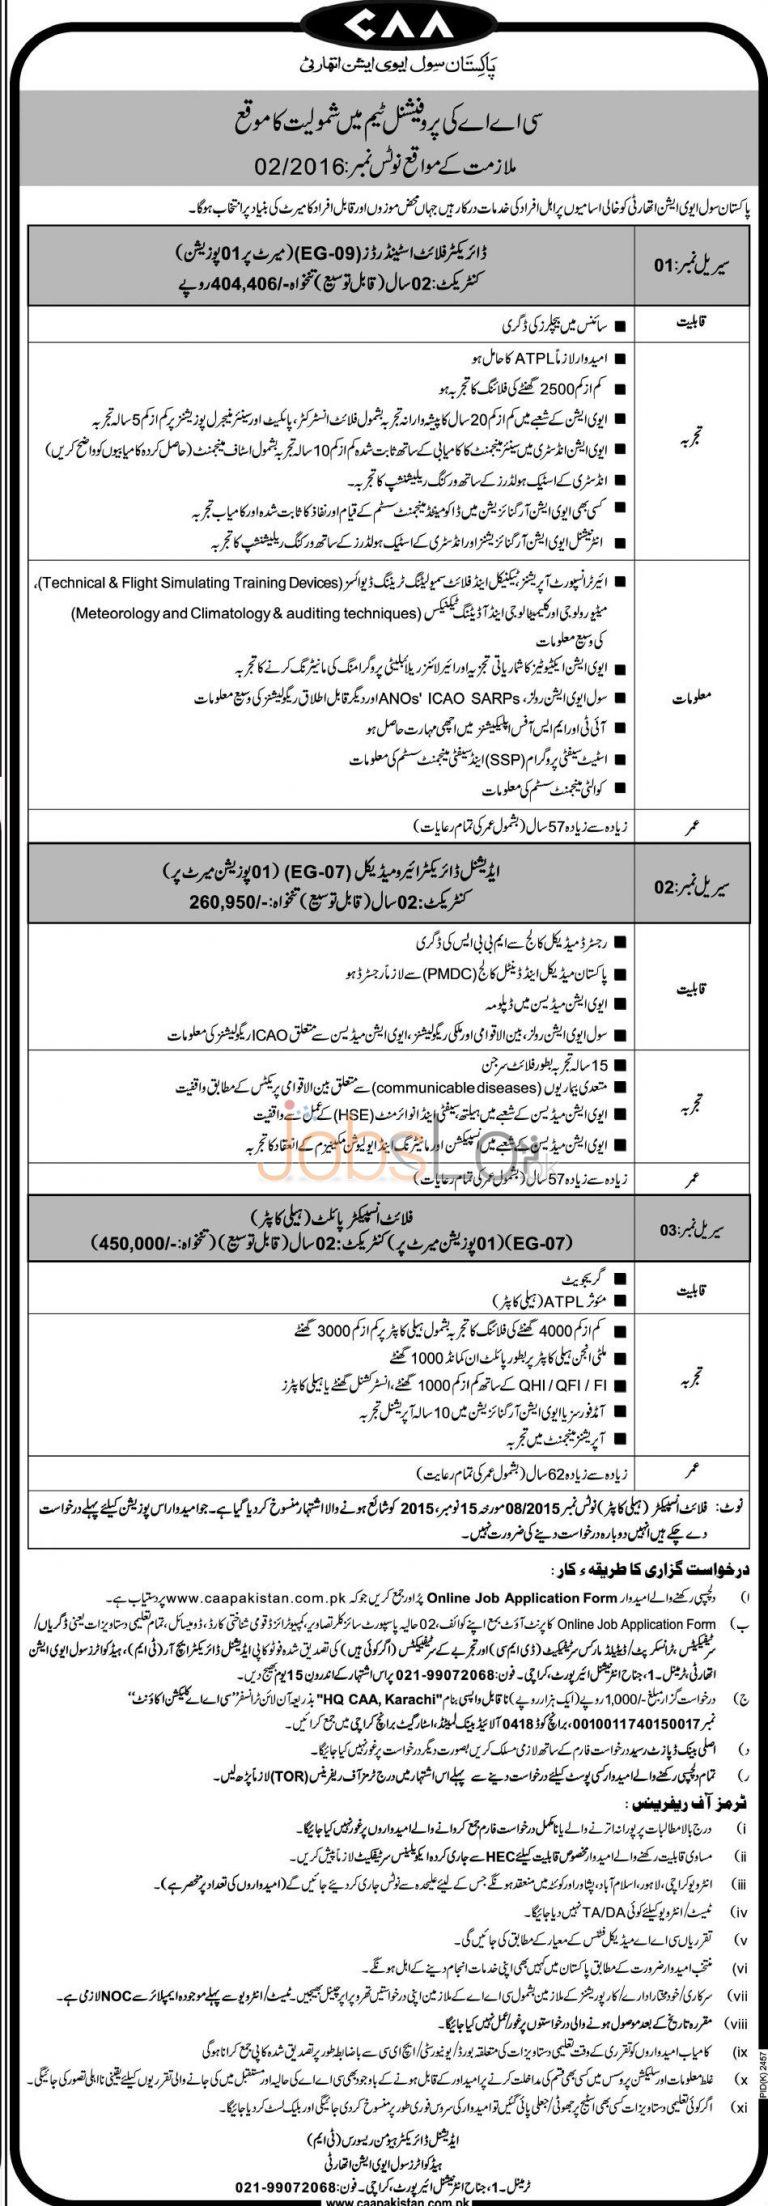 Pakistan Civil Aviation Authority Jobs in Karachi 2016 Latest Advertisement